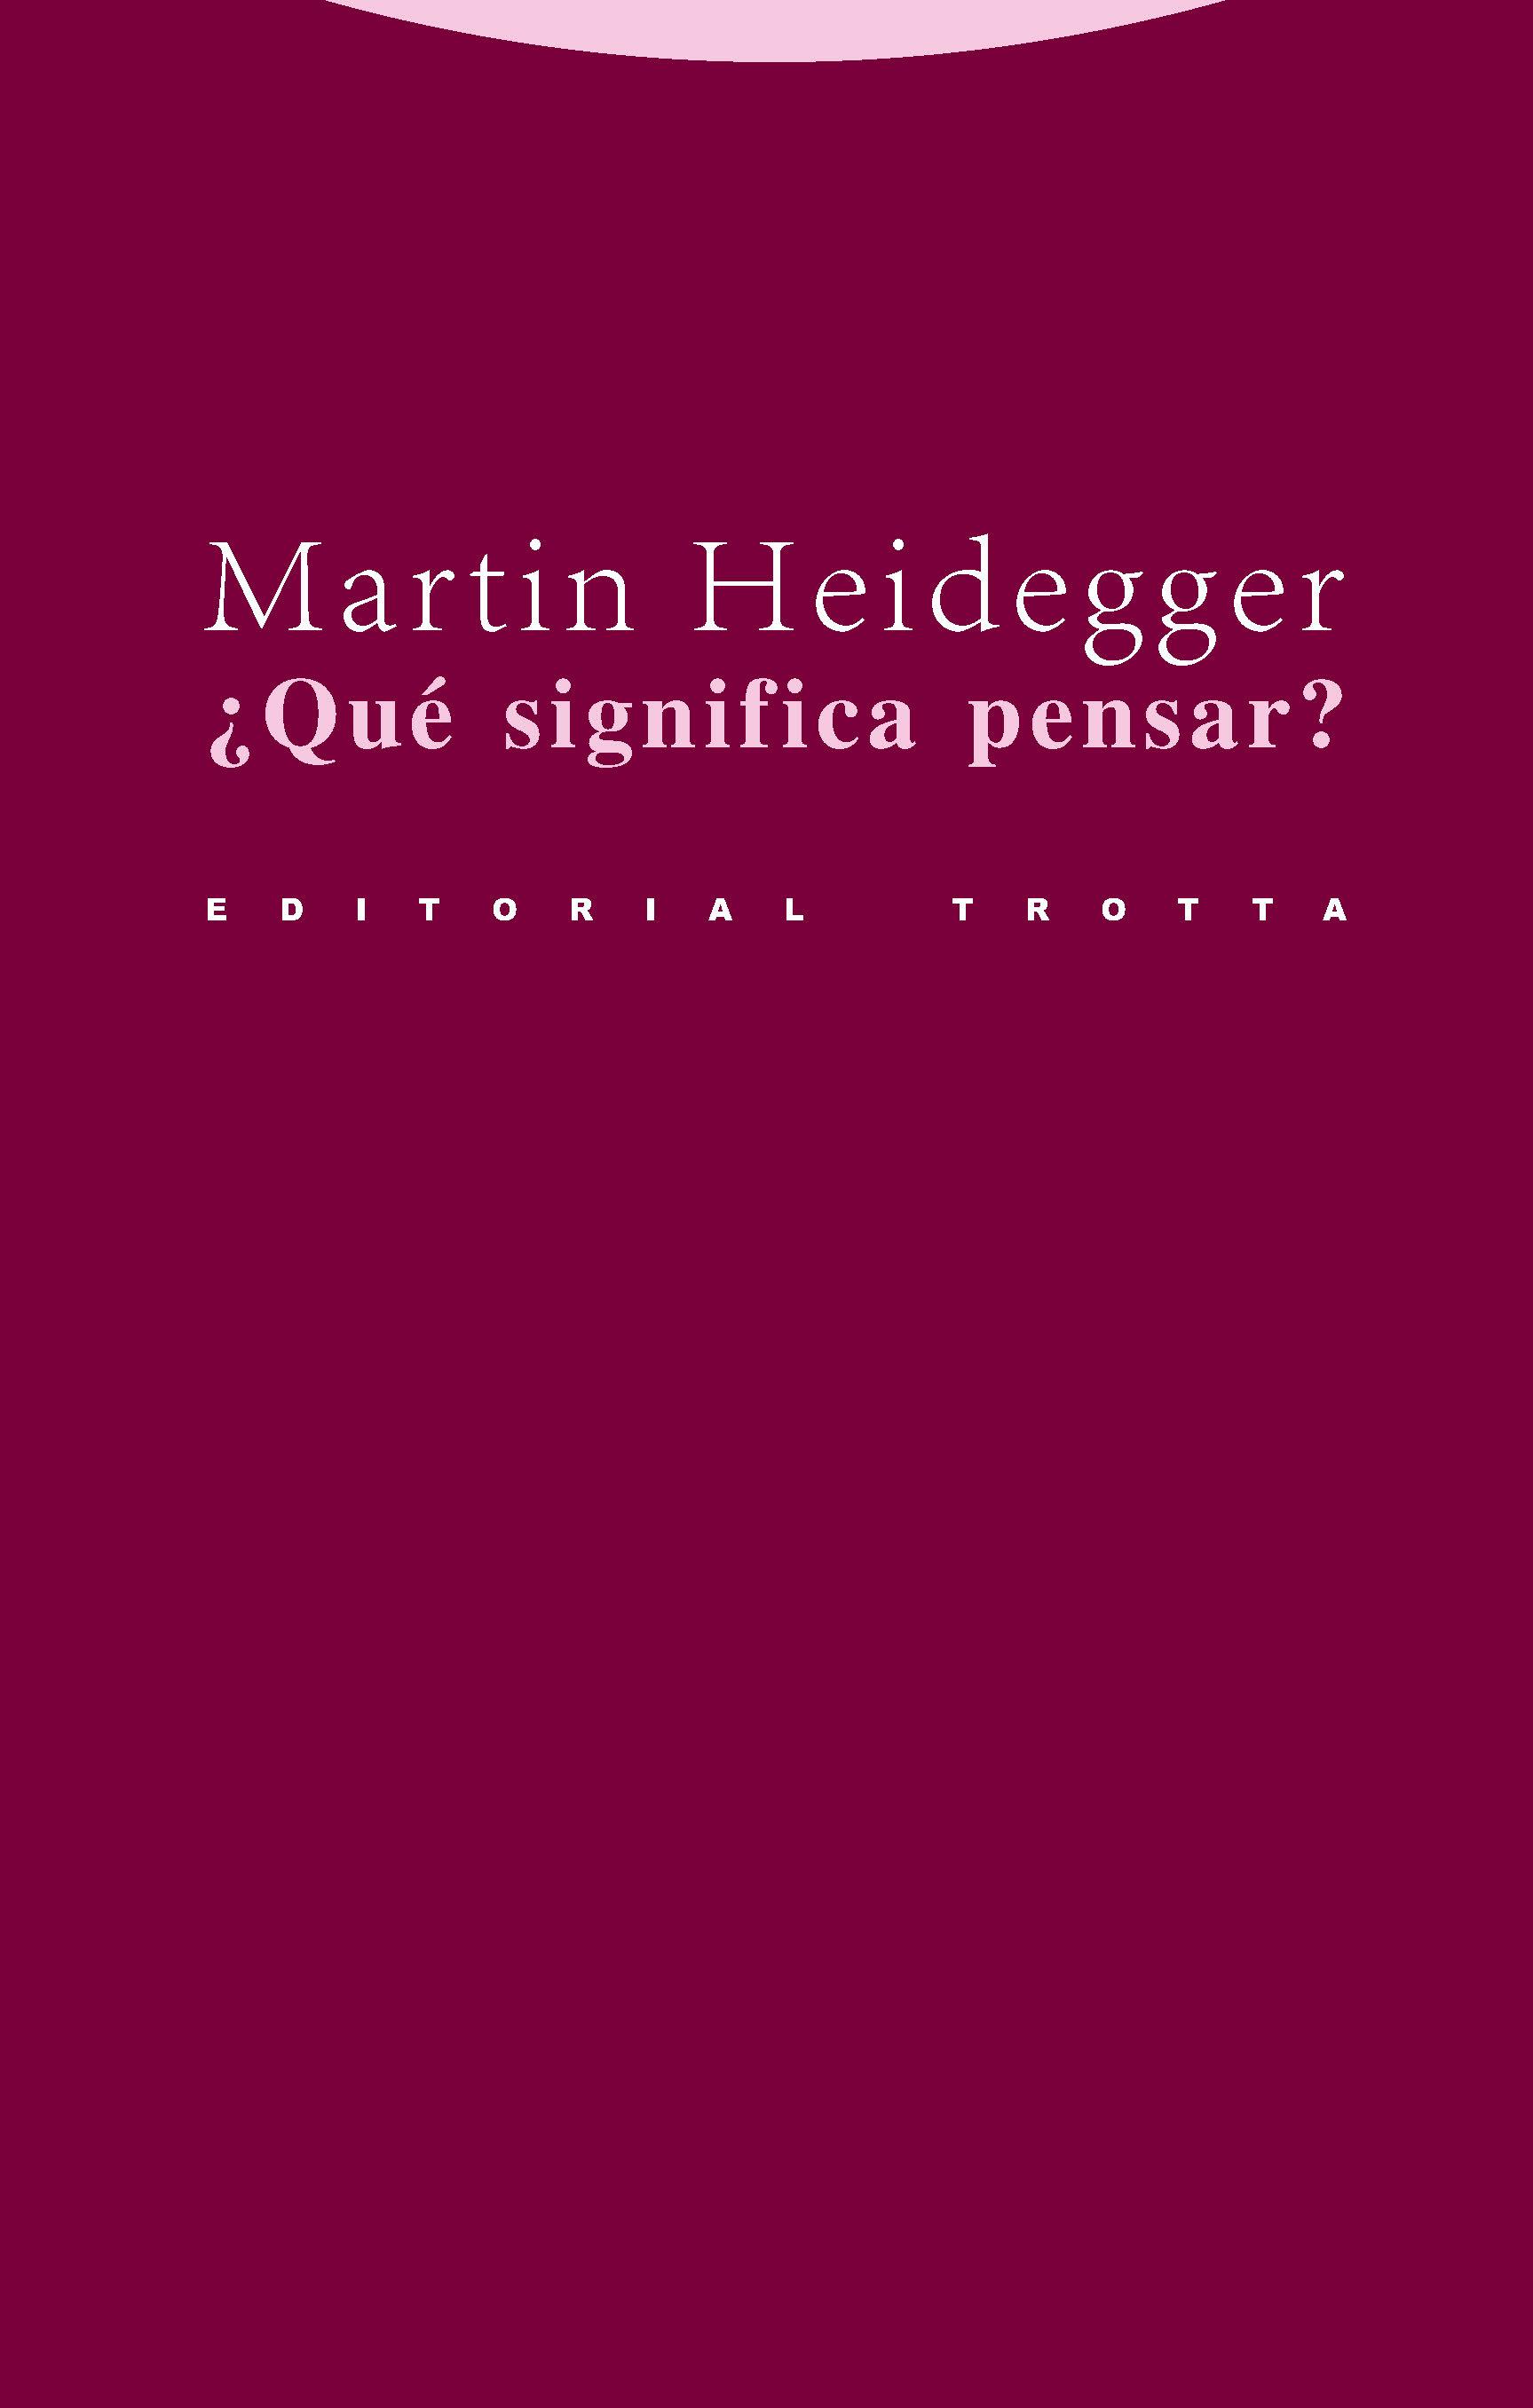 ¿que Significa Pensar? por Martin Heidegger